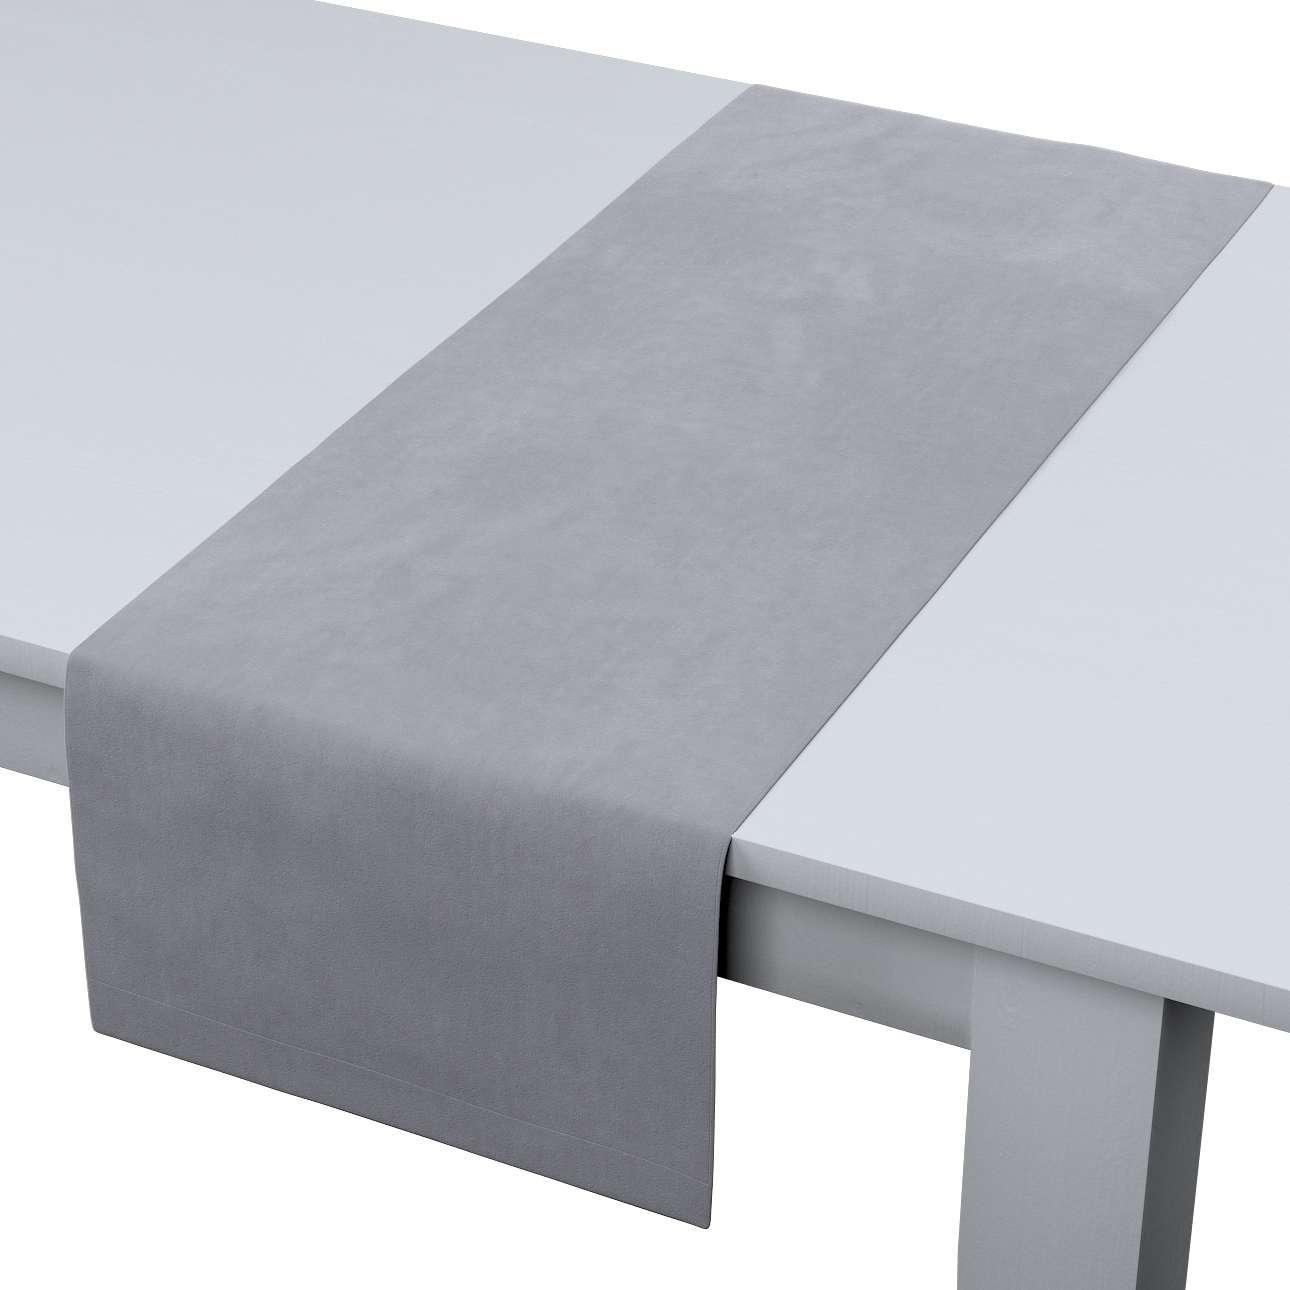 Bieżnik prostokątny w kolekcji Velvet, tkanina: 704-24